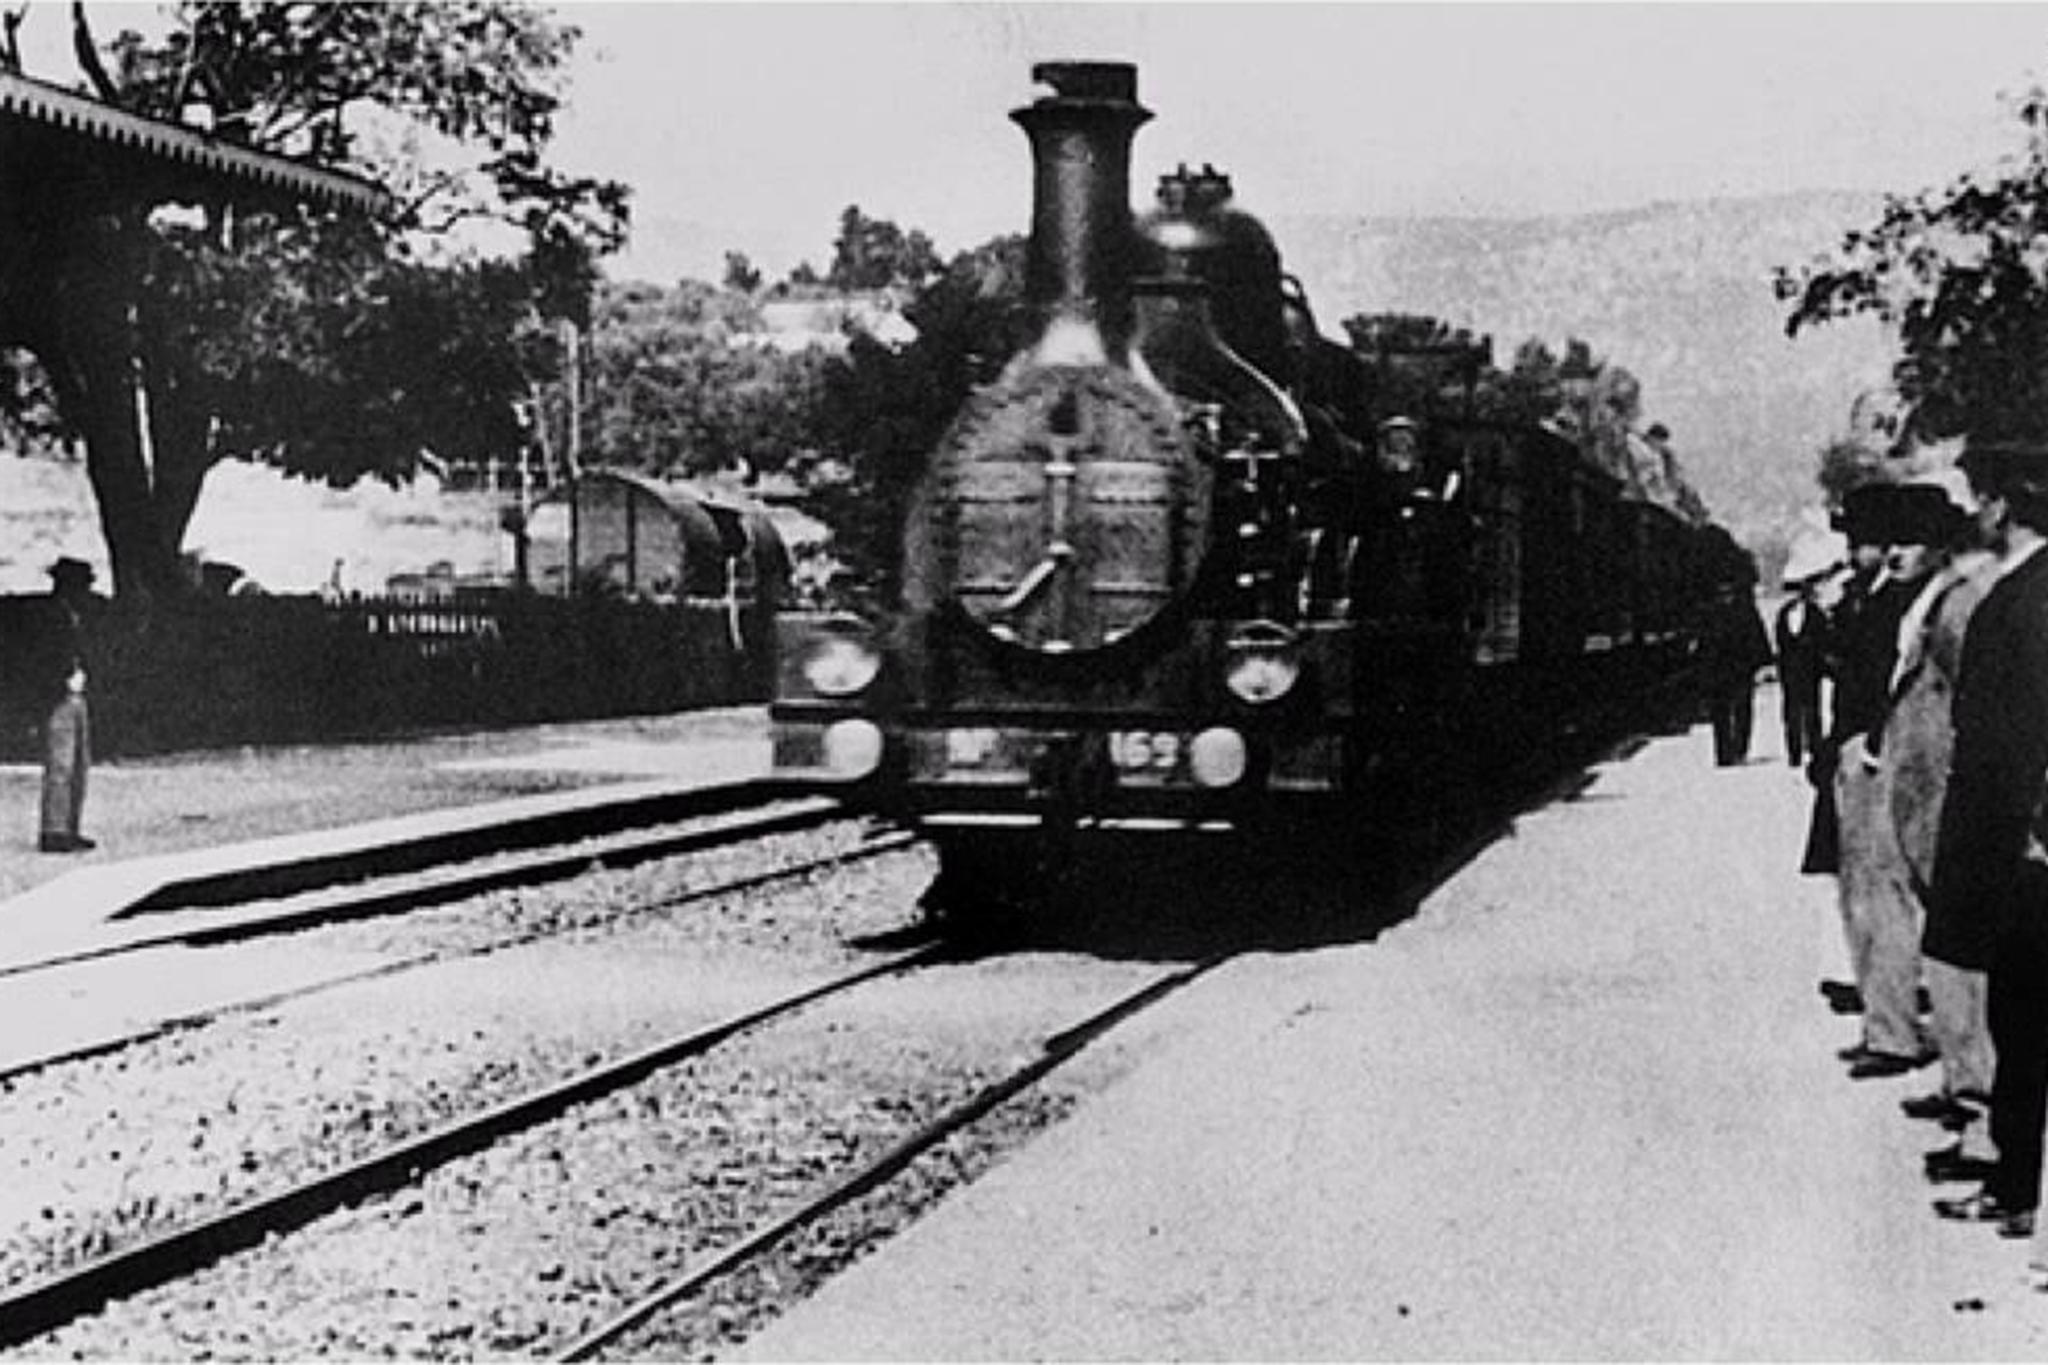 A chegada de um trem a estacao – irmaos lumiere – 1896